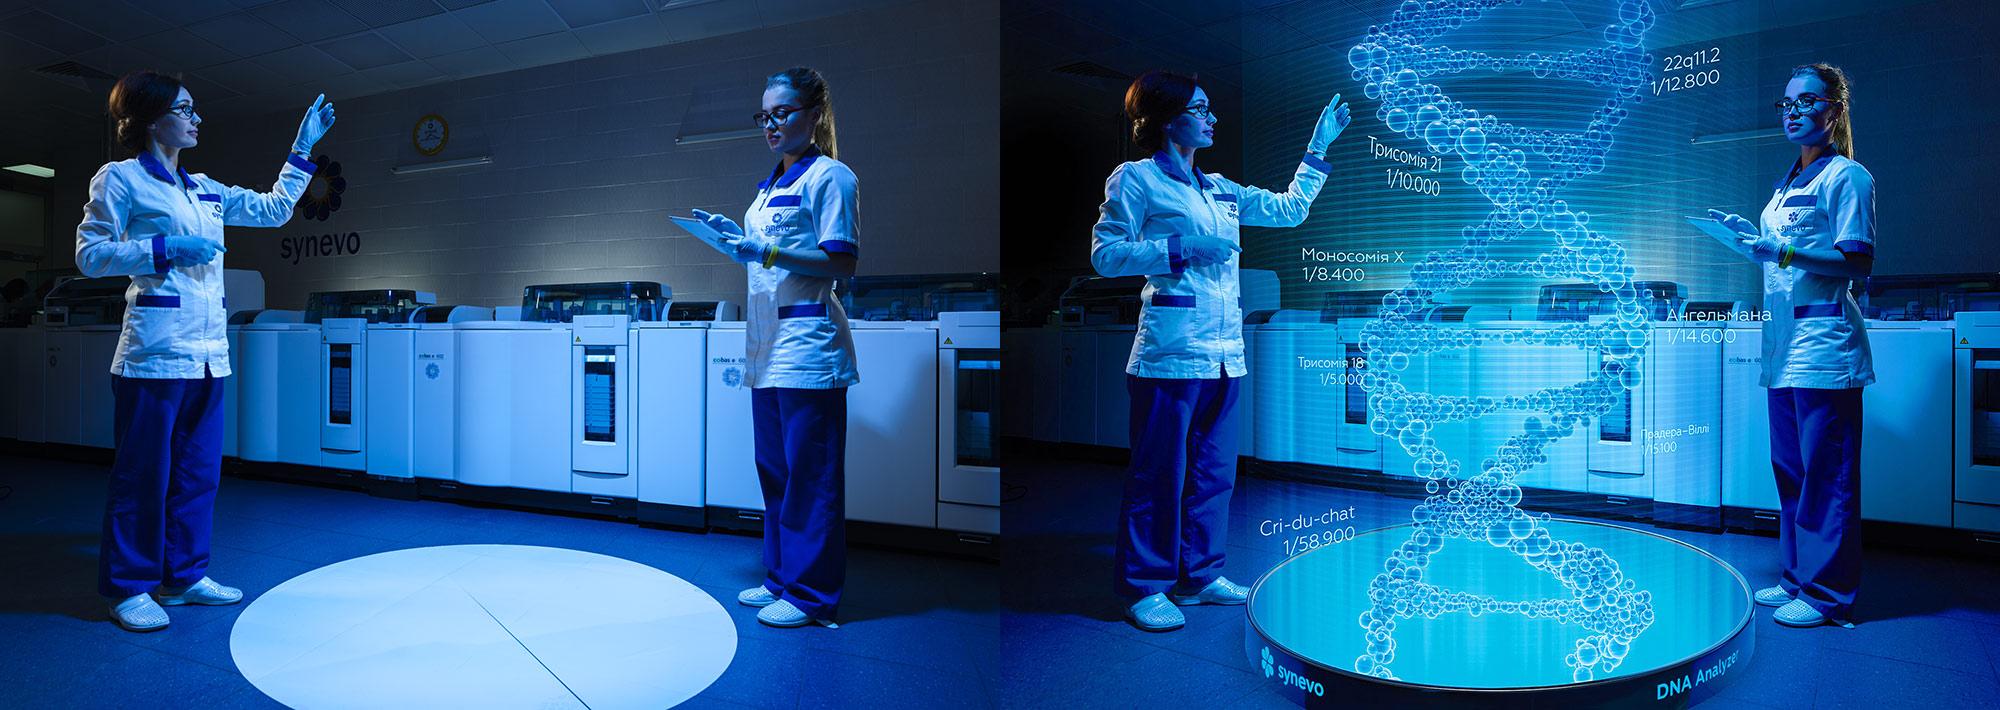 Создание сюжета для креативного календаря медицинской лаборатории «Синэво». ДНК-анализатор 3D.